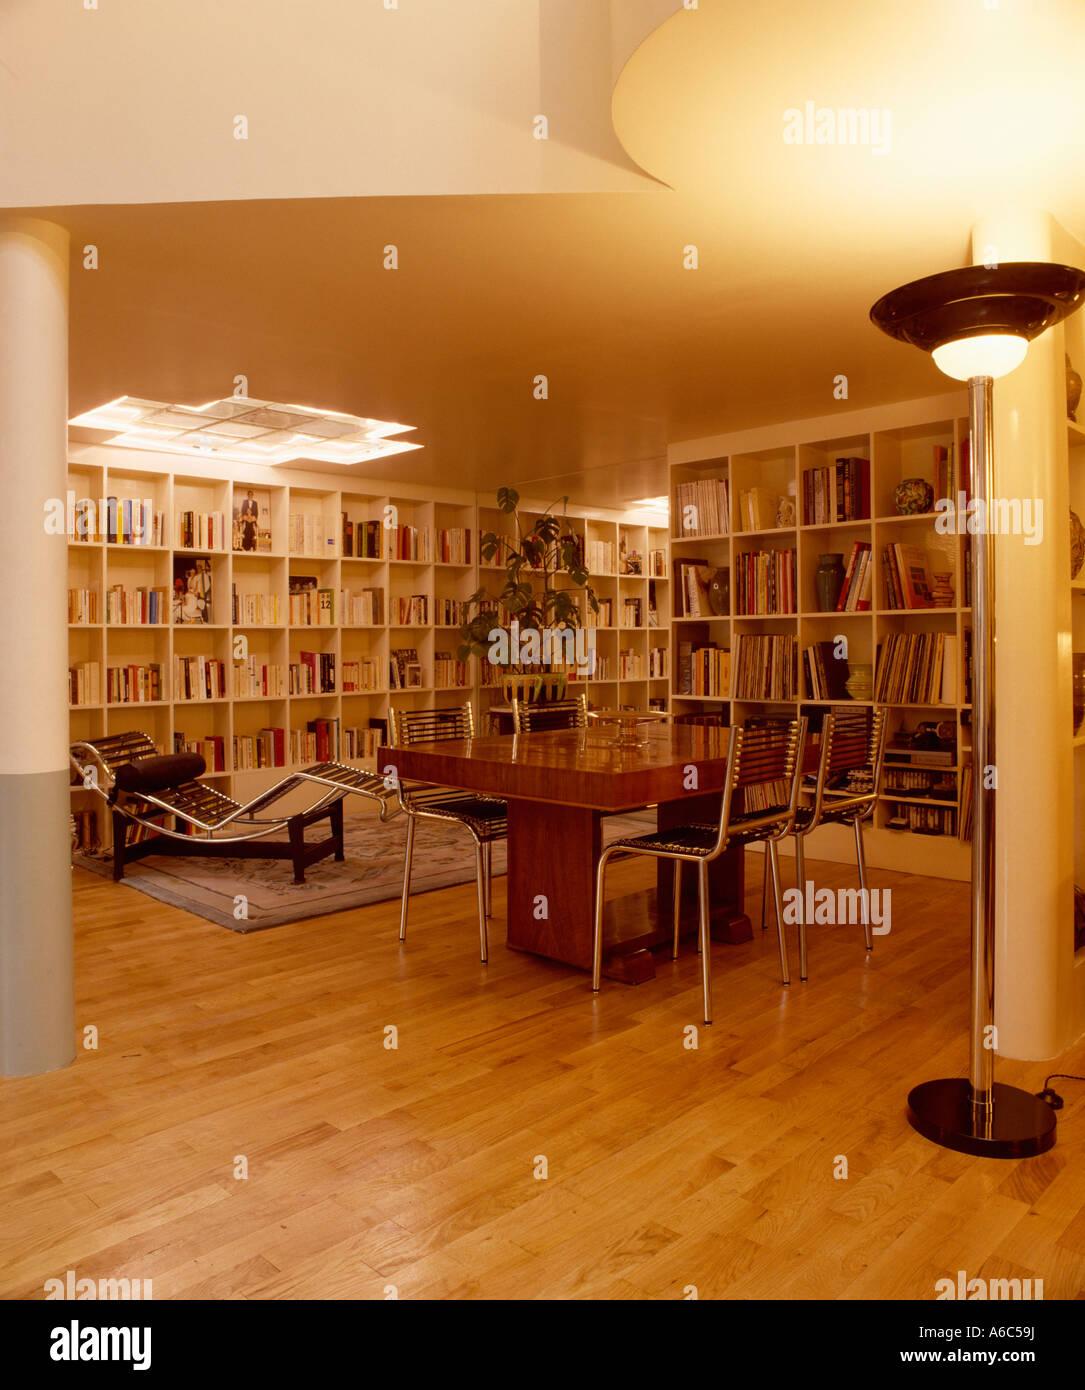 Große Offene Wohn  Und Esszimmer Mit Der Dreißiger Jahre Möbel Und Wände  Der Regale Und Polierten Holzboden